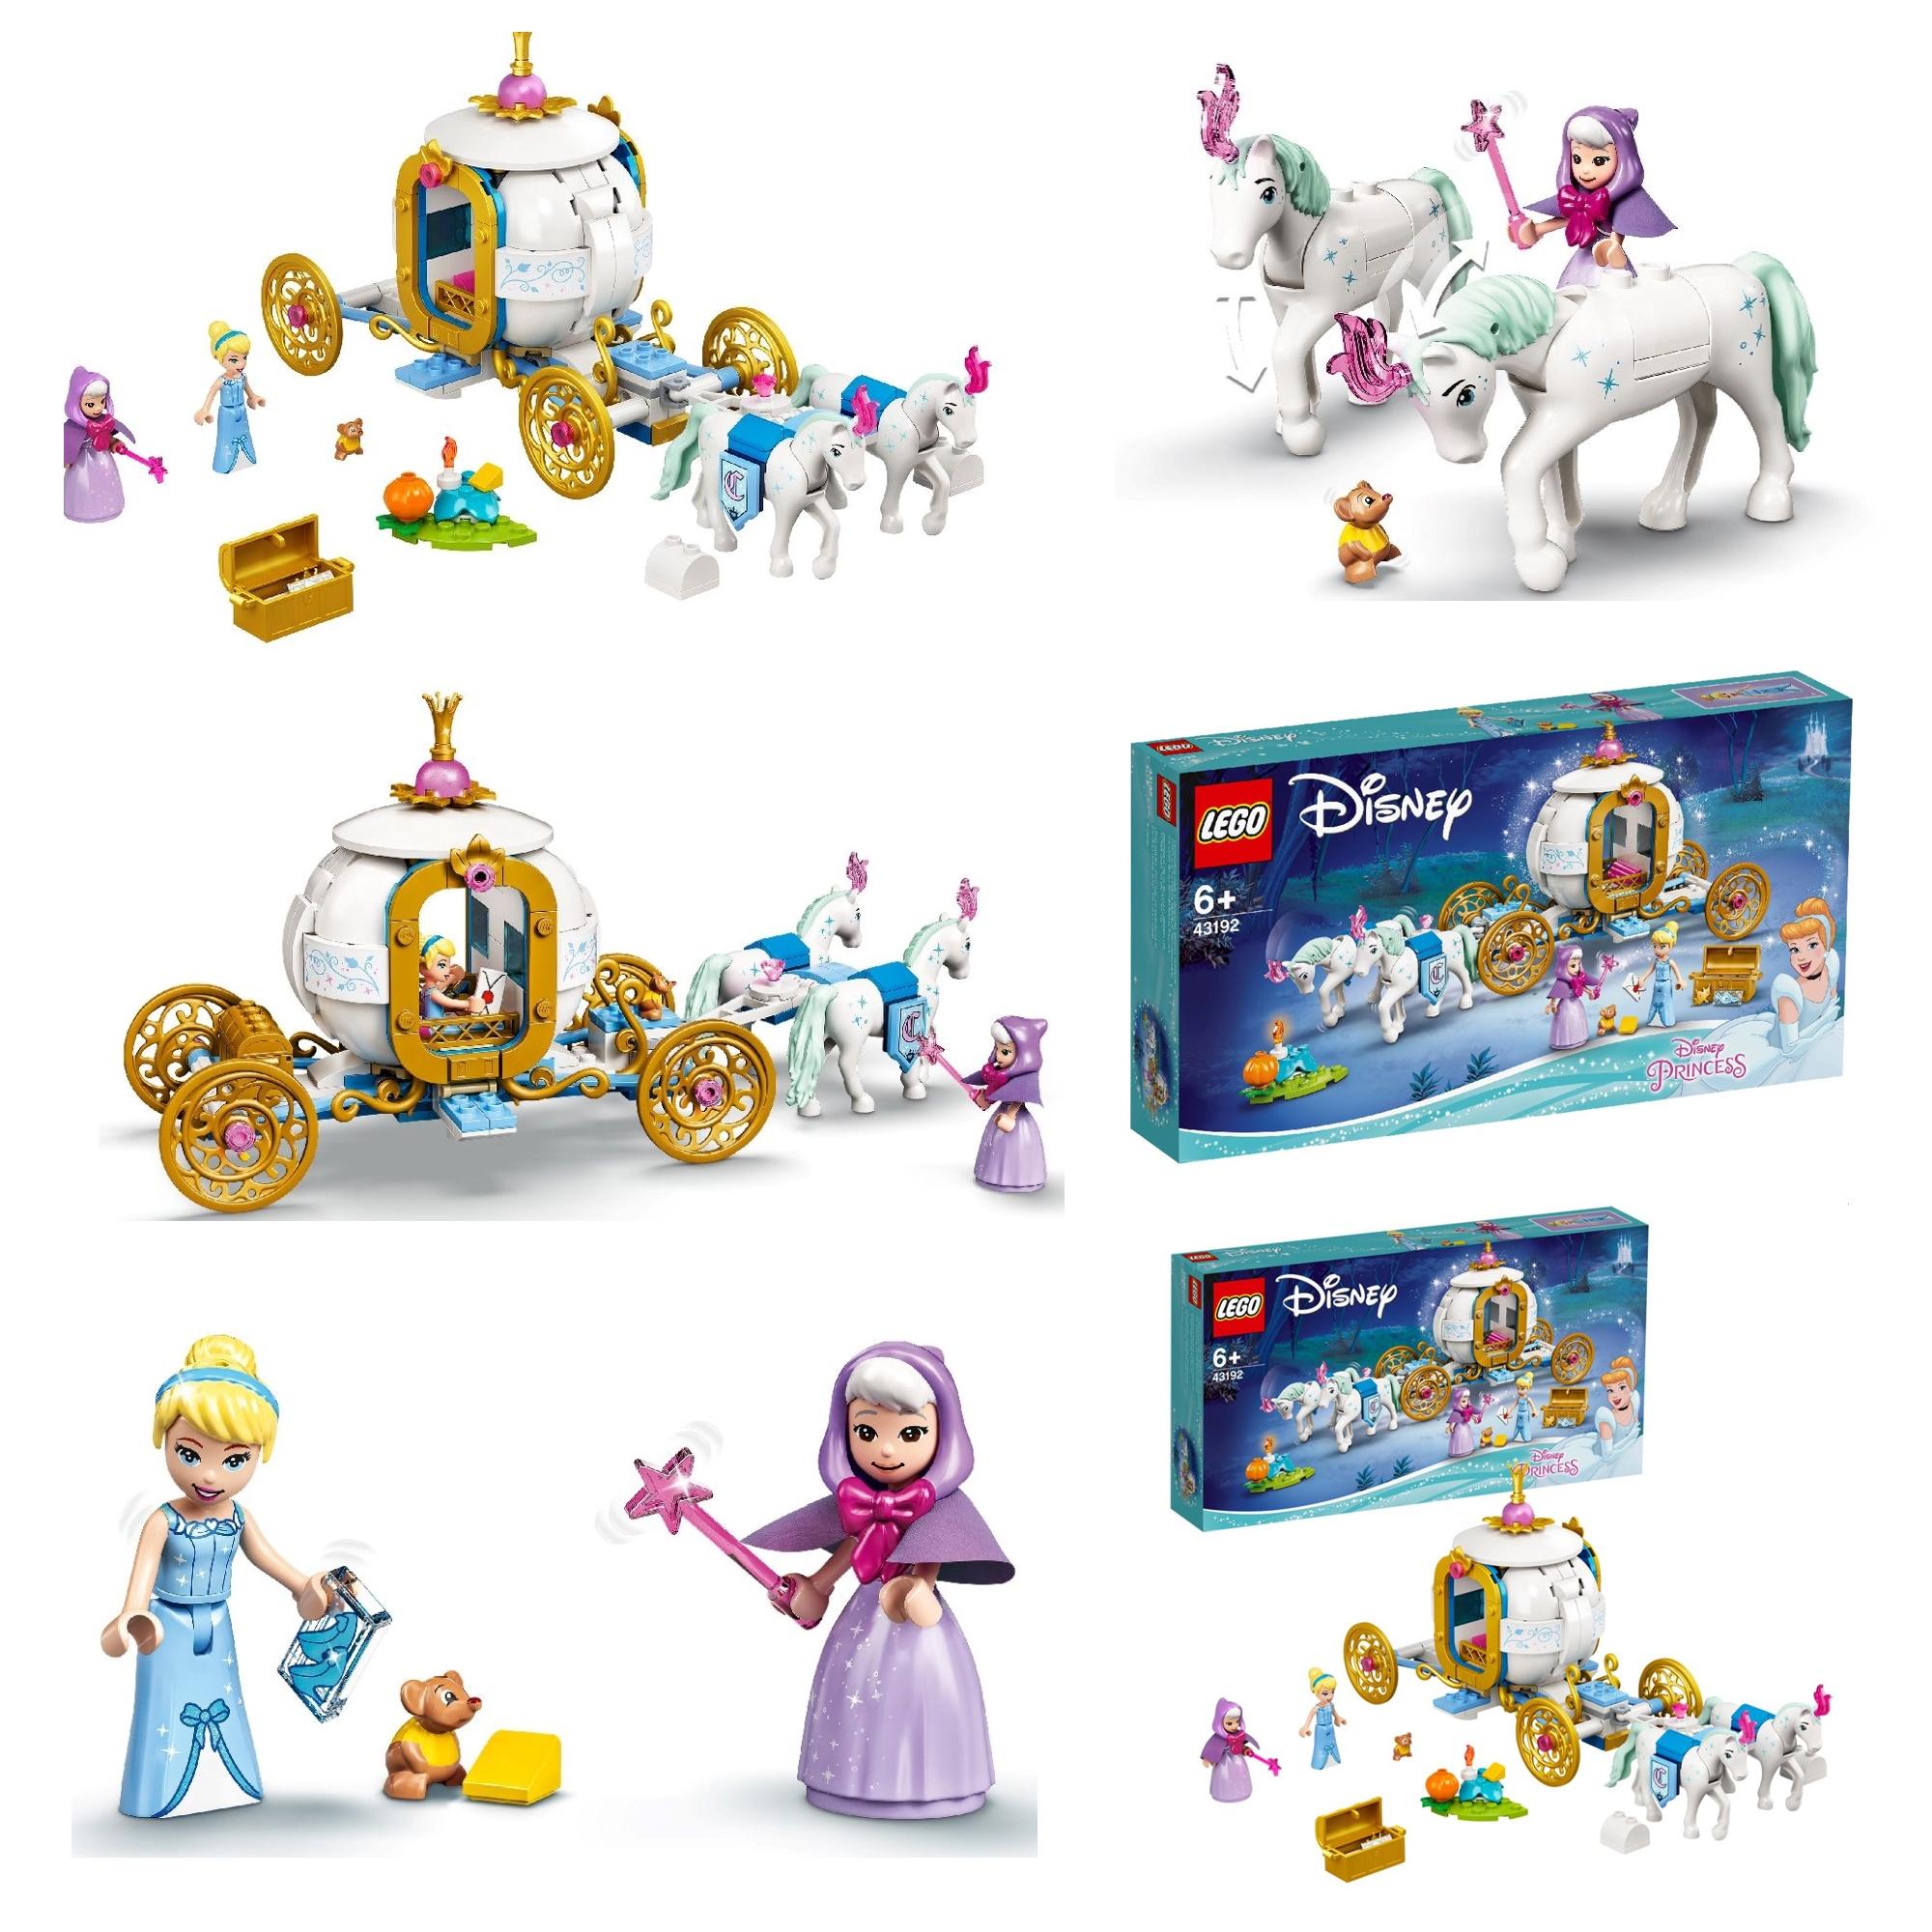 レゴディズニープリンセス2021年新製品情報第1弾:みんな大好きお姫様シリーズ!新作映画ラーヤと龍の王国セットも登場!